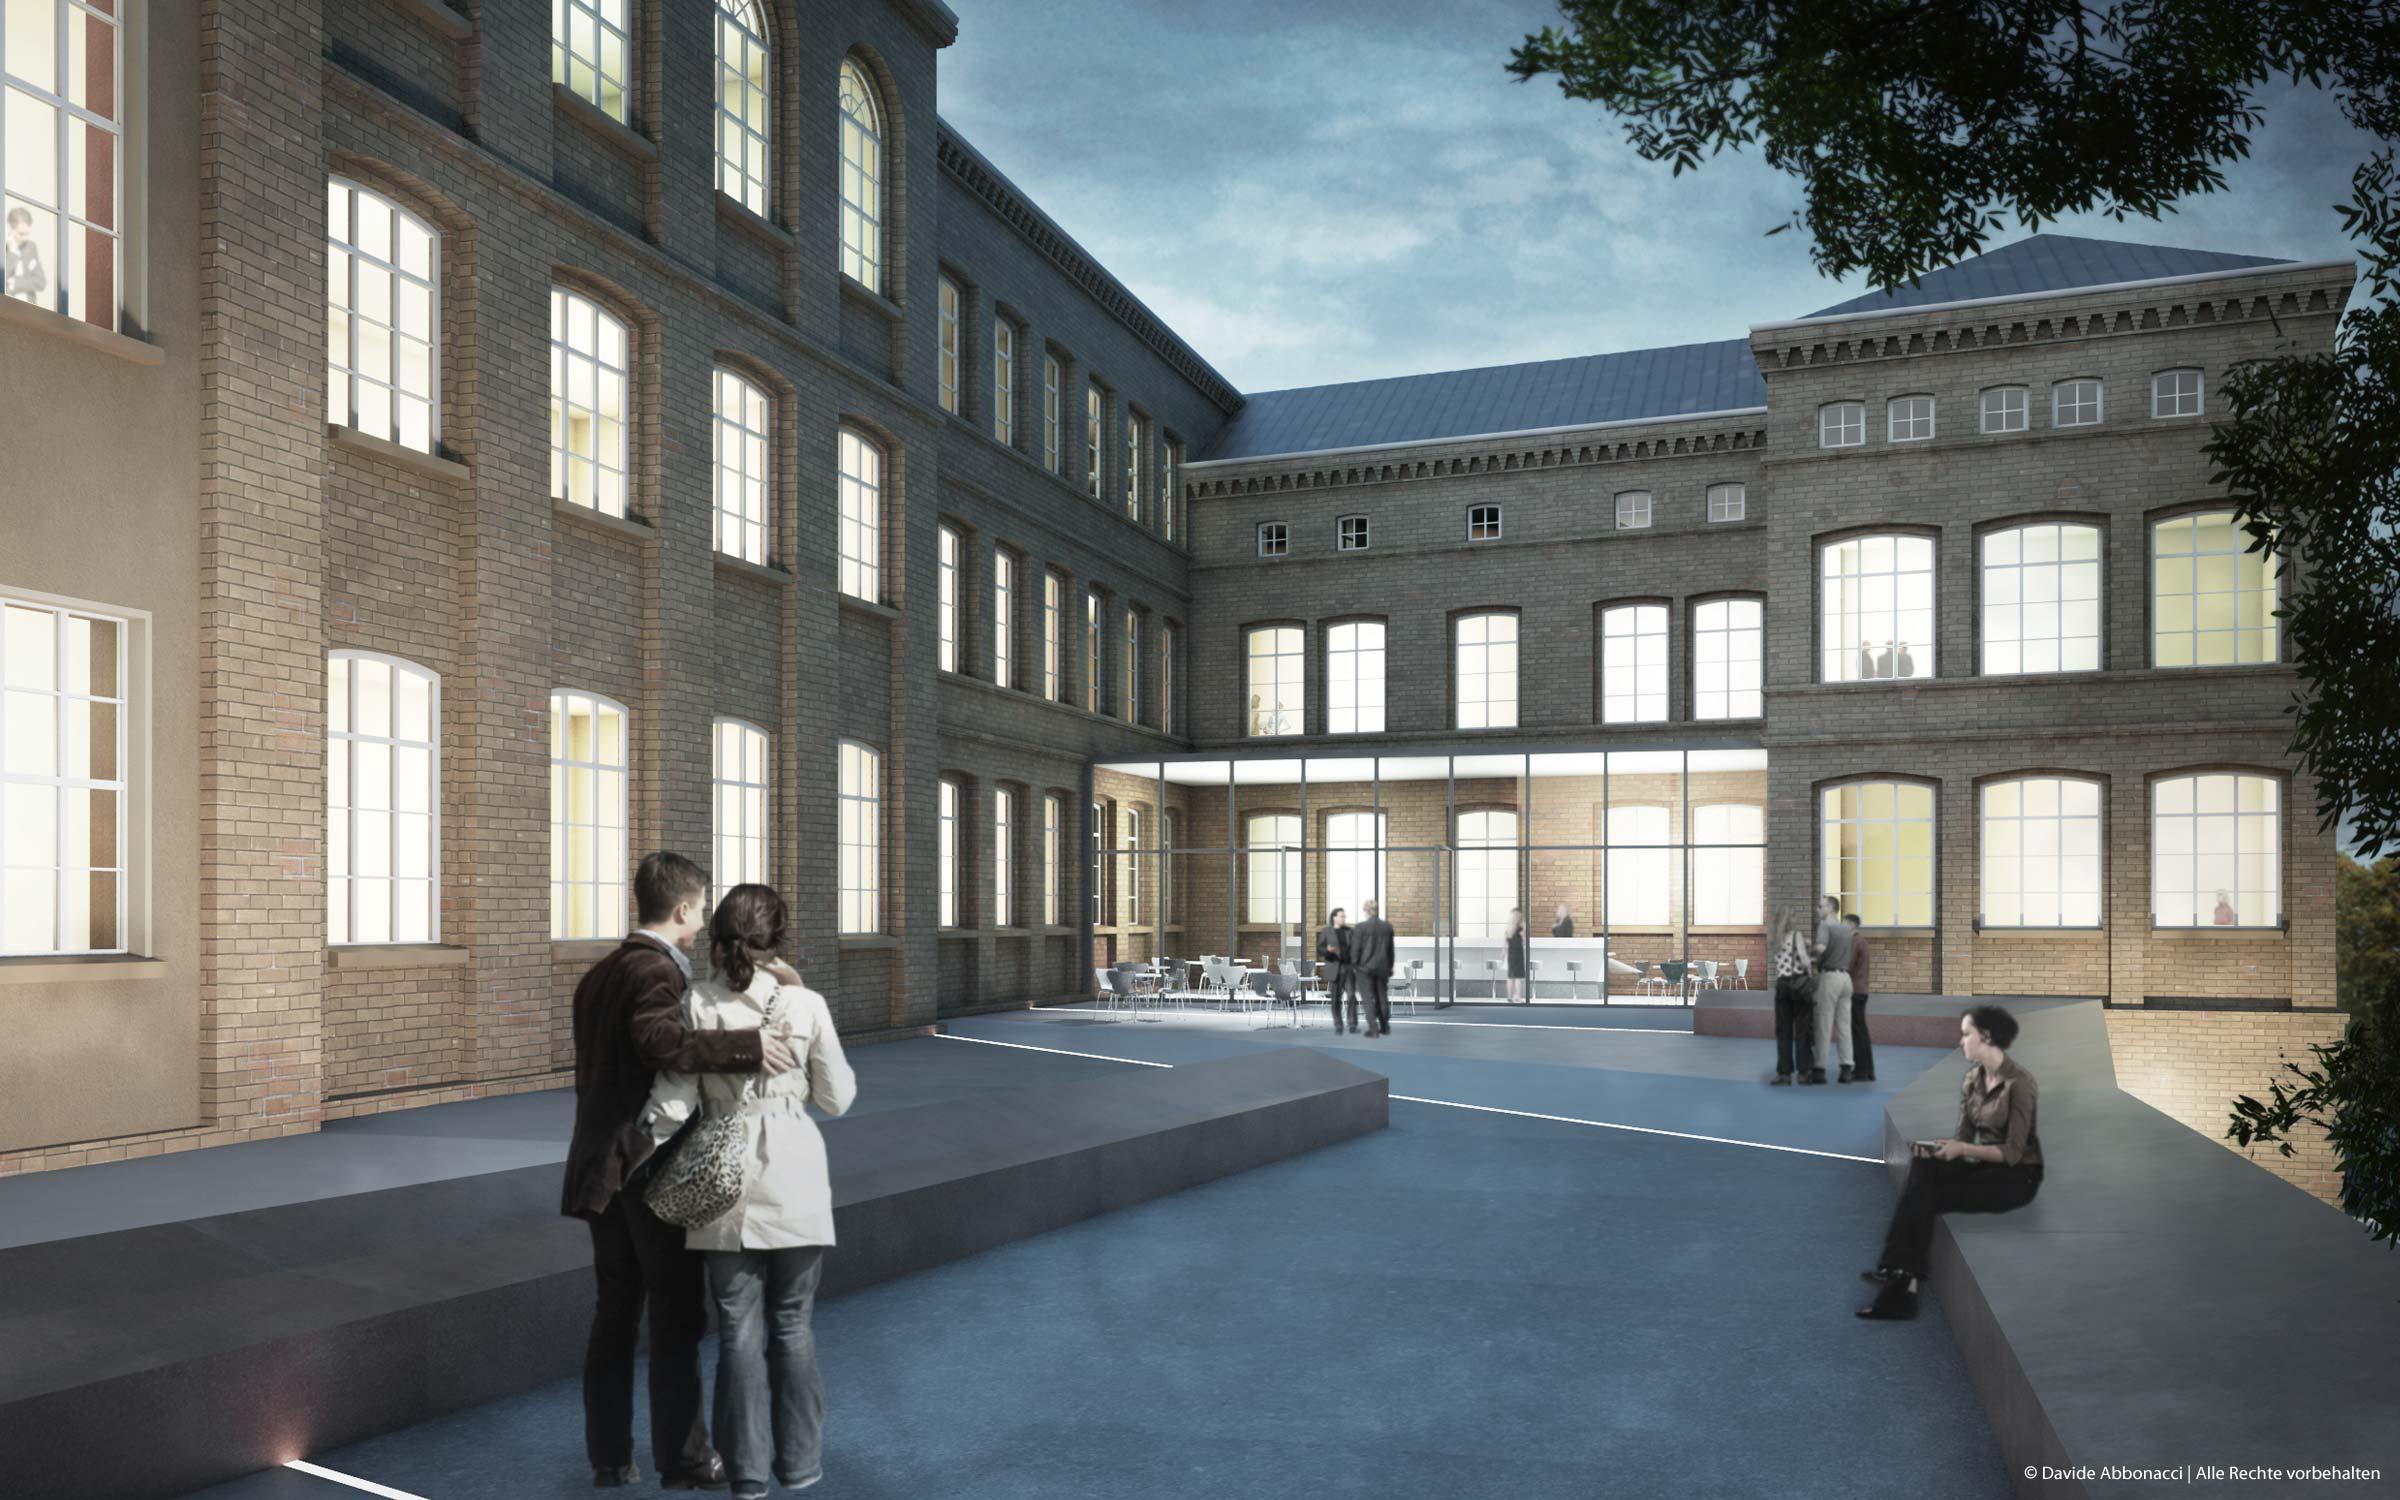 Bürgerbegegnungszentrum, Eberswalde | Numrich Albrecht Klumpp Architekten | 2010 Wettbewerbsvisualisierung | 1. Preis